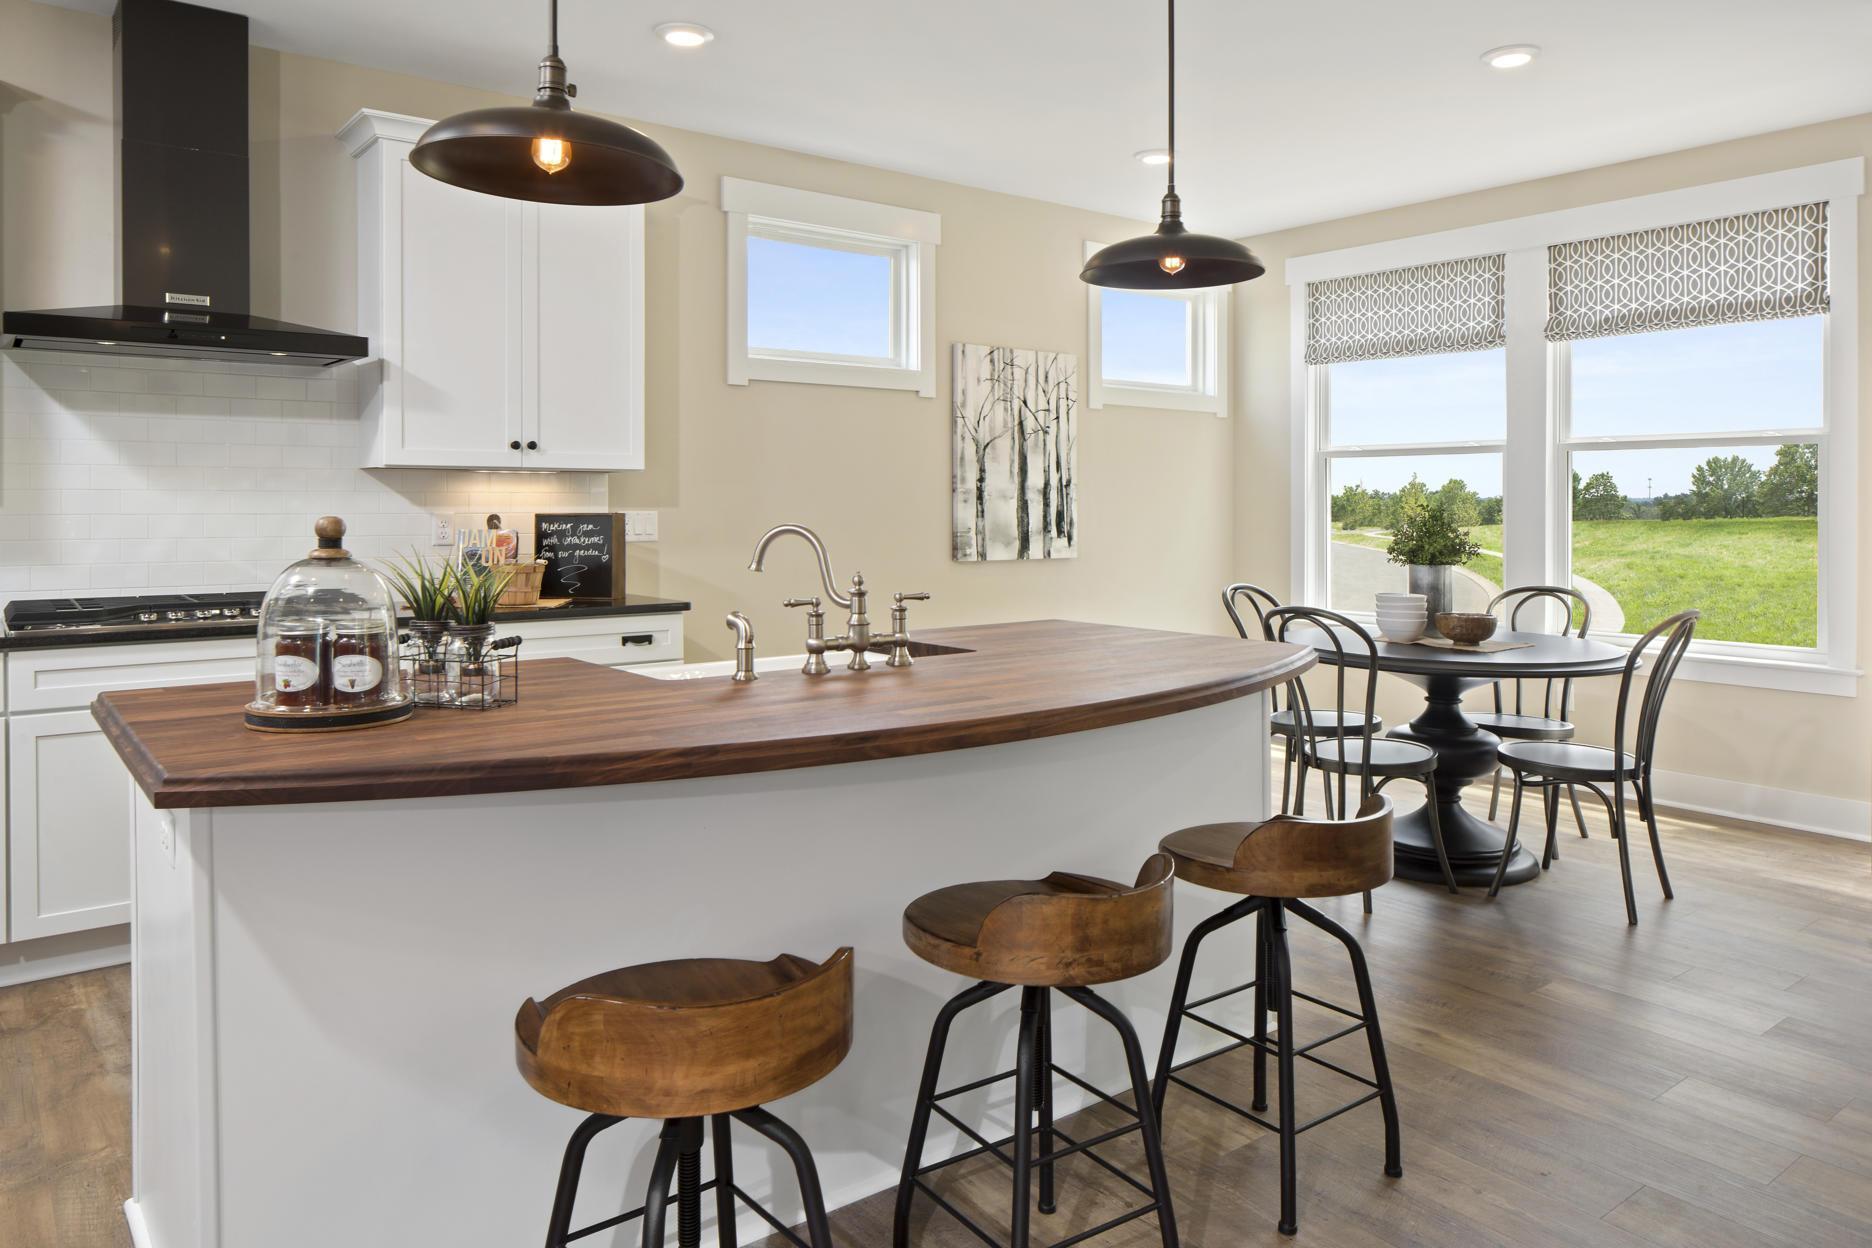 Kitchen featured in the Vanderburgh By Drees Homes in Cincinnati, KY